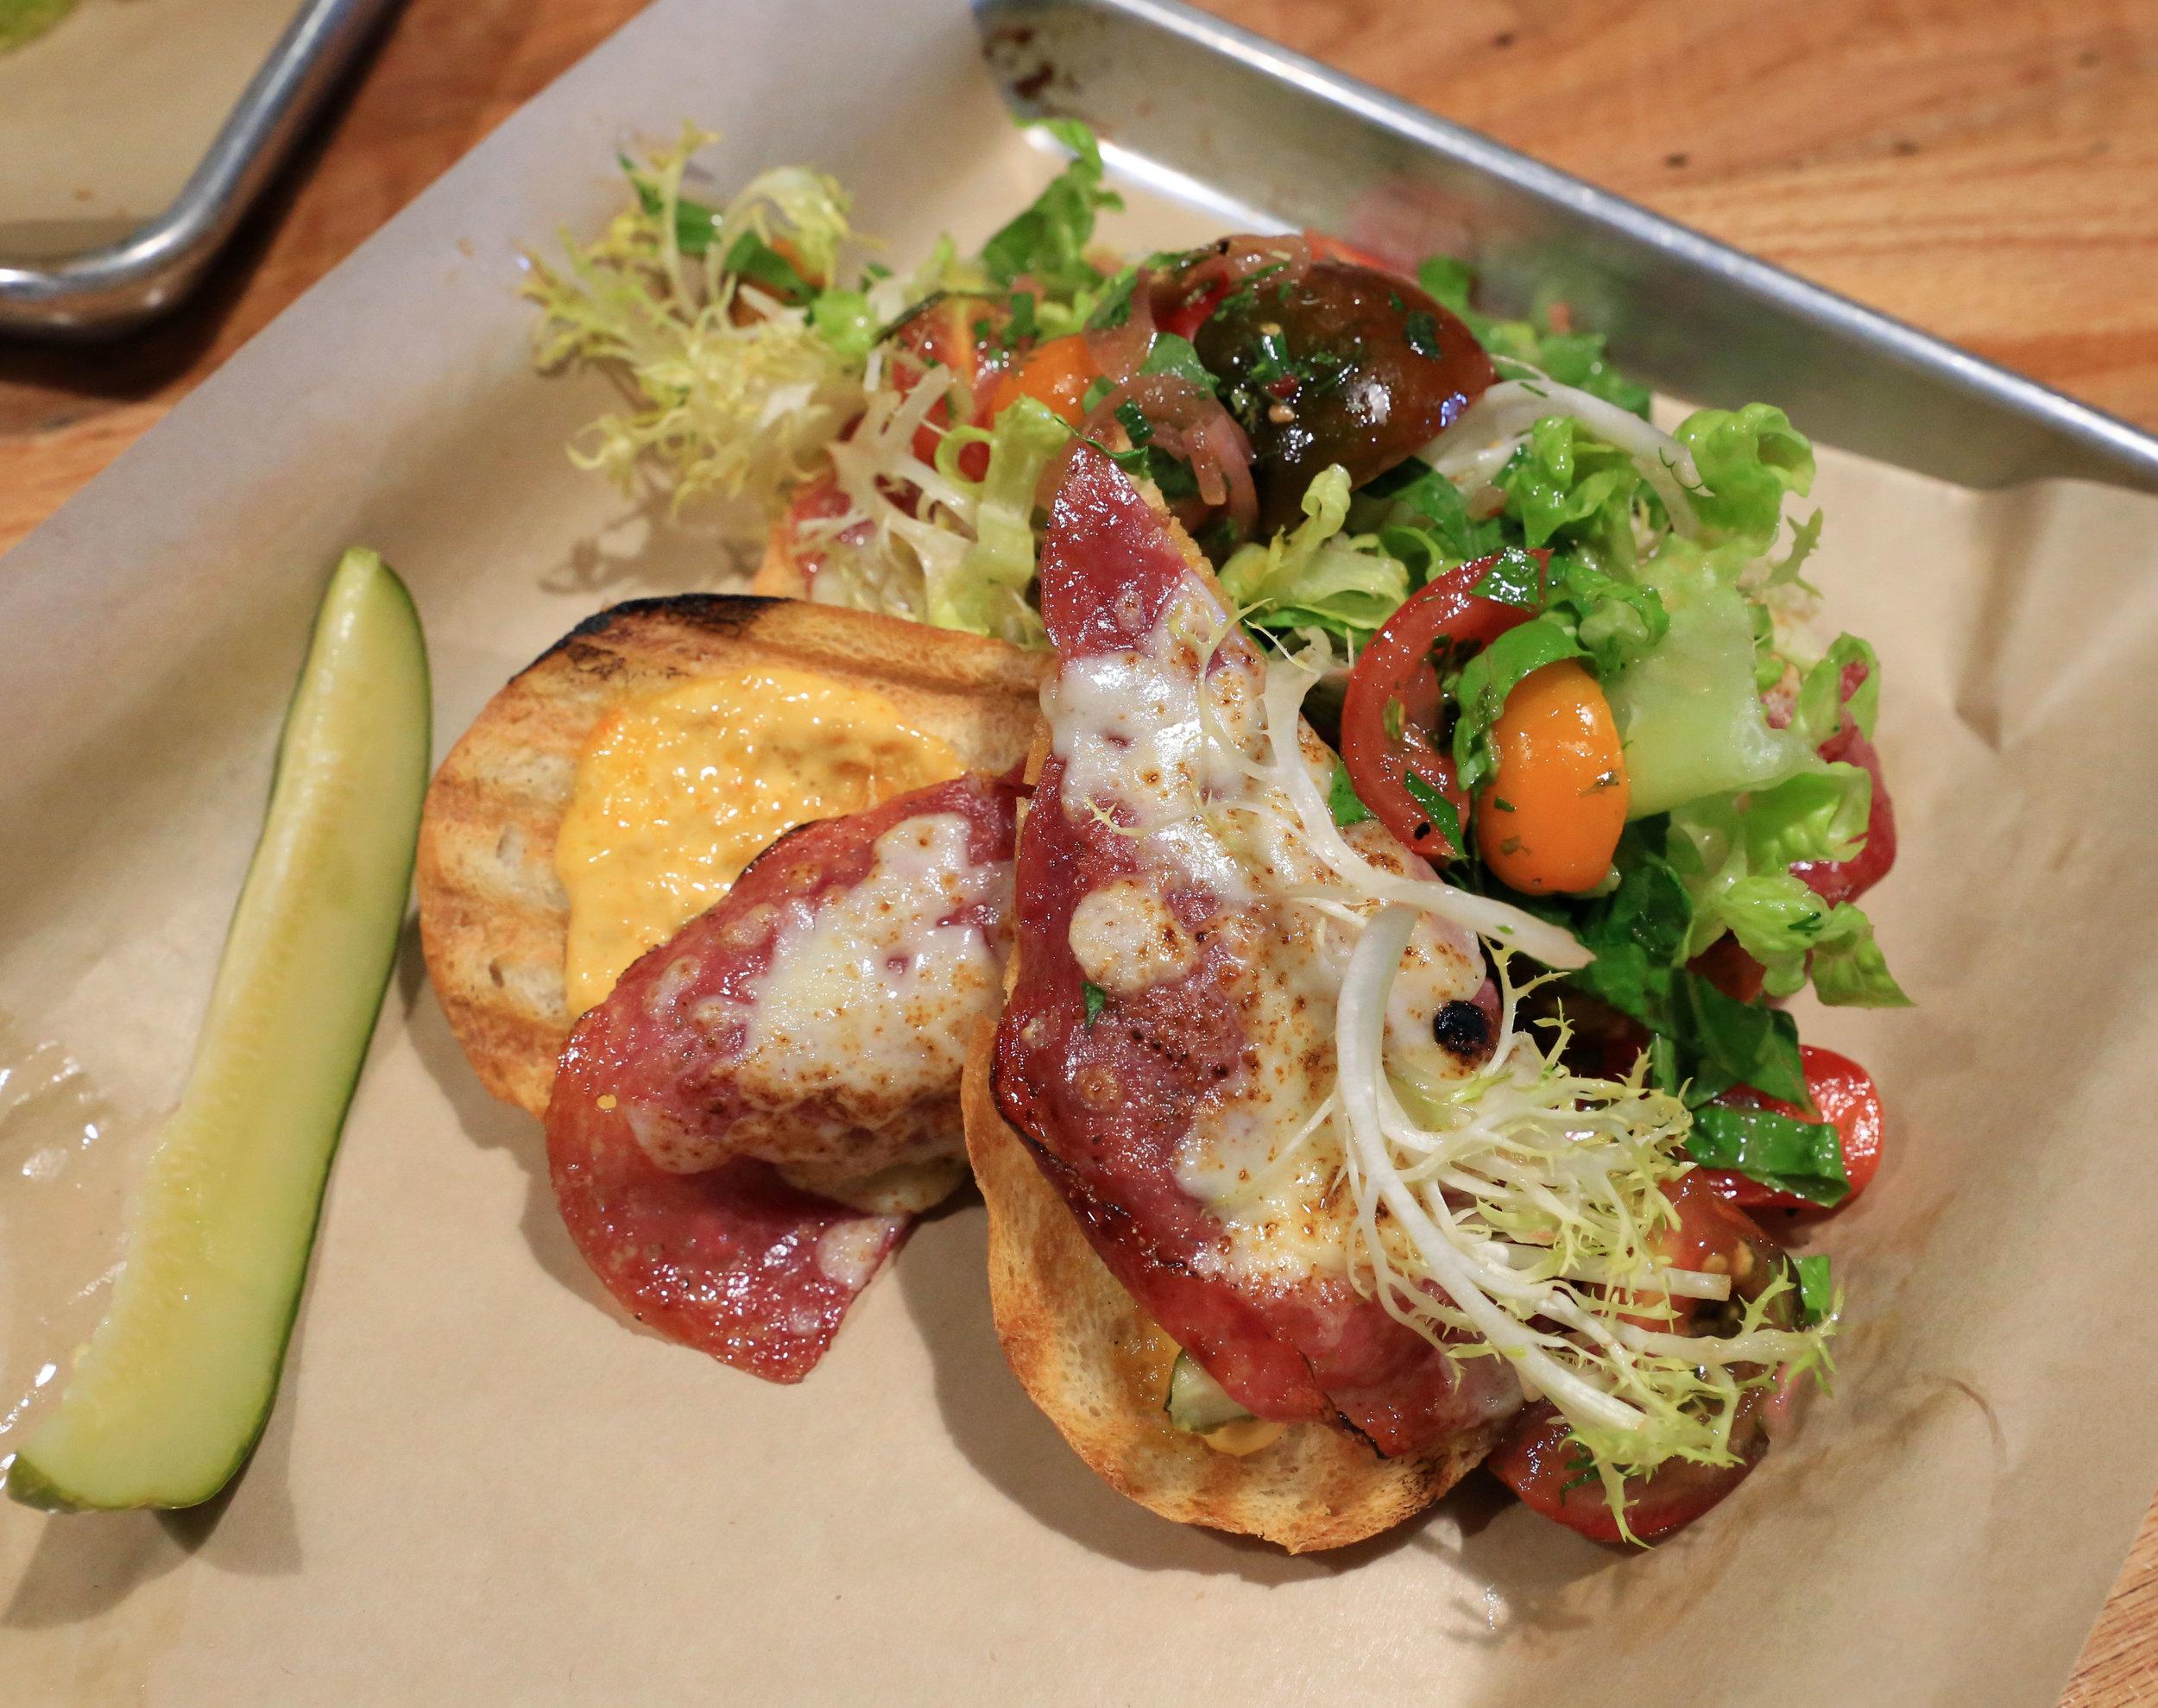 SwineandSons_Sandwich.jpg